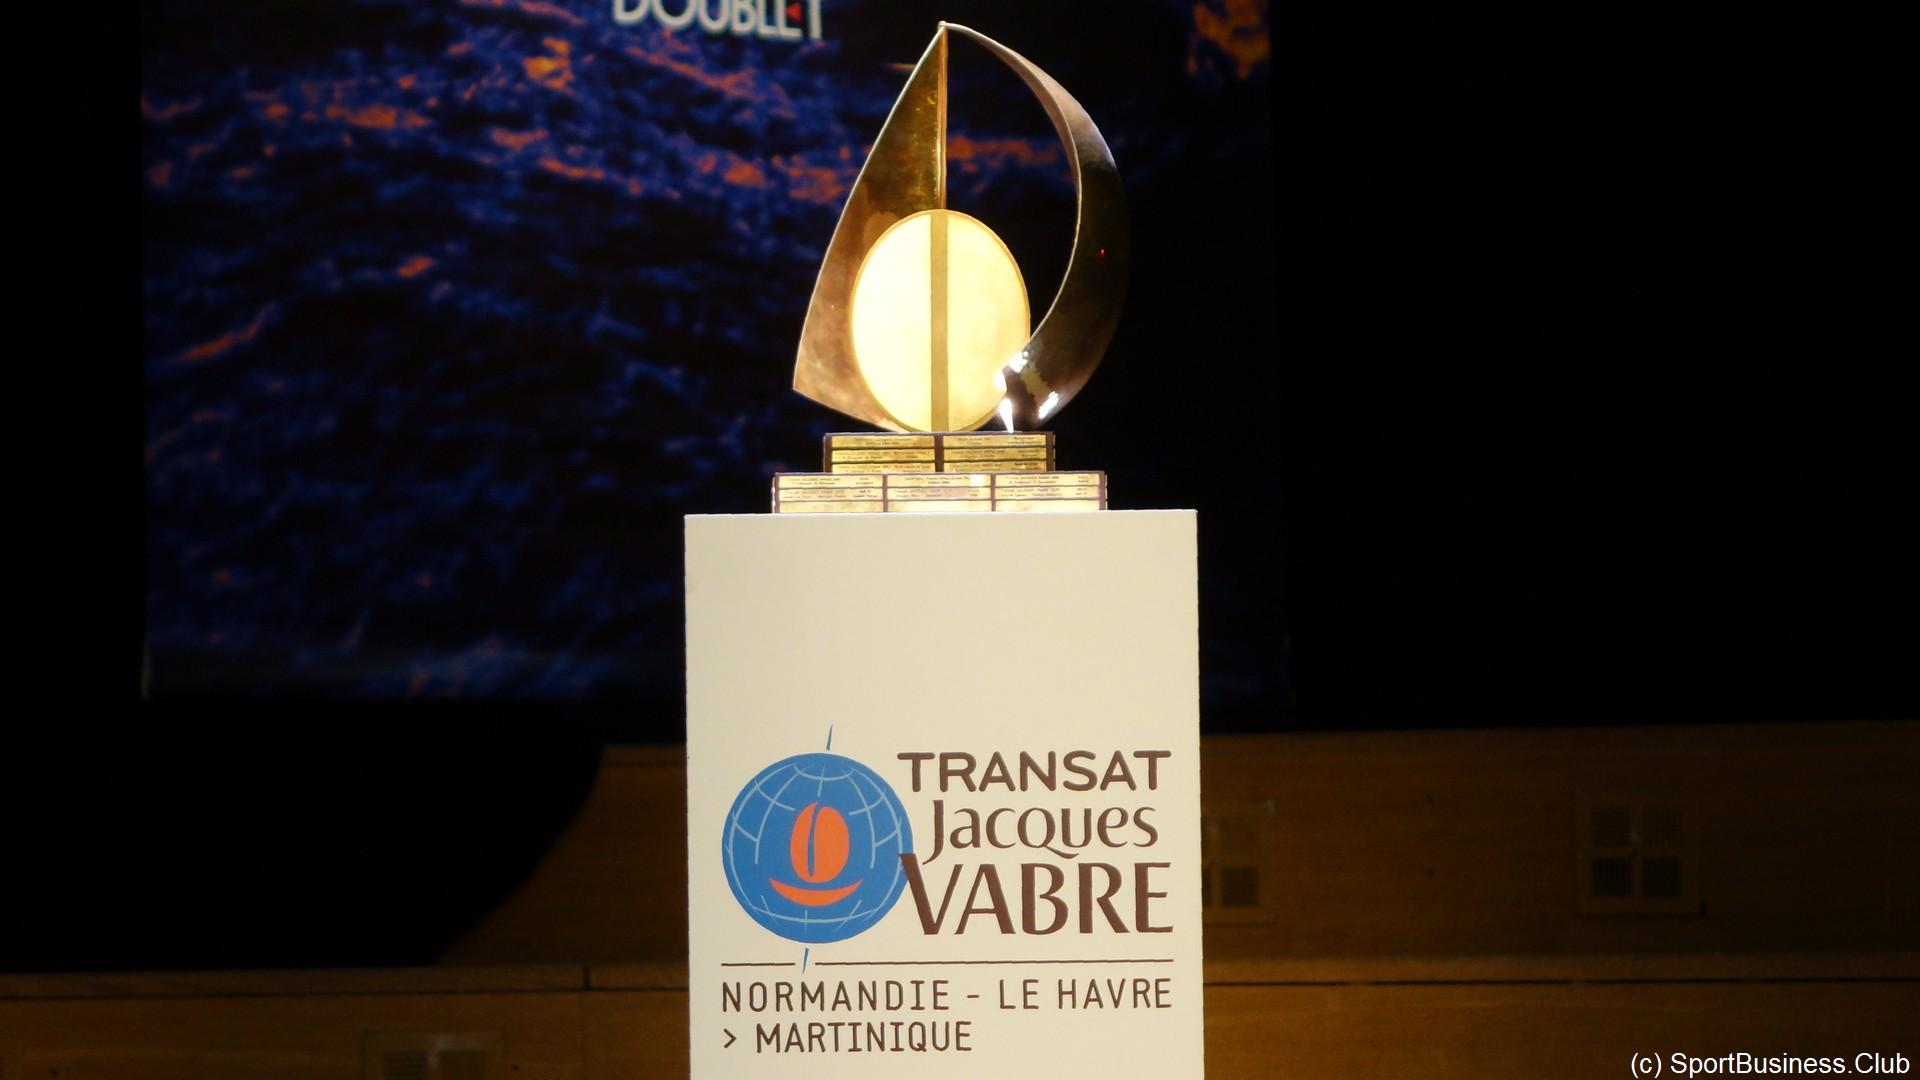 Transat Jacques Vabre (1) Trophée